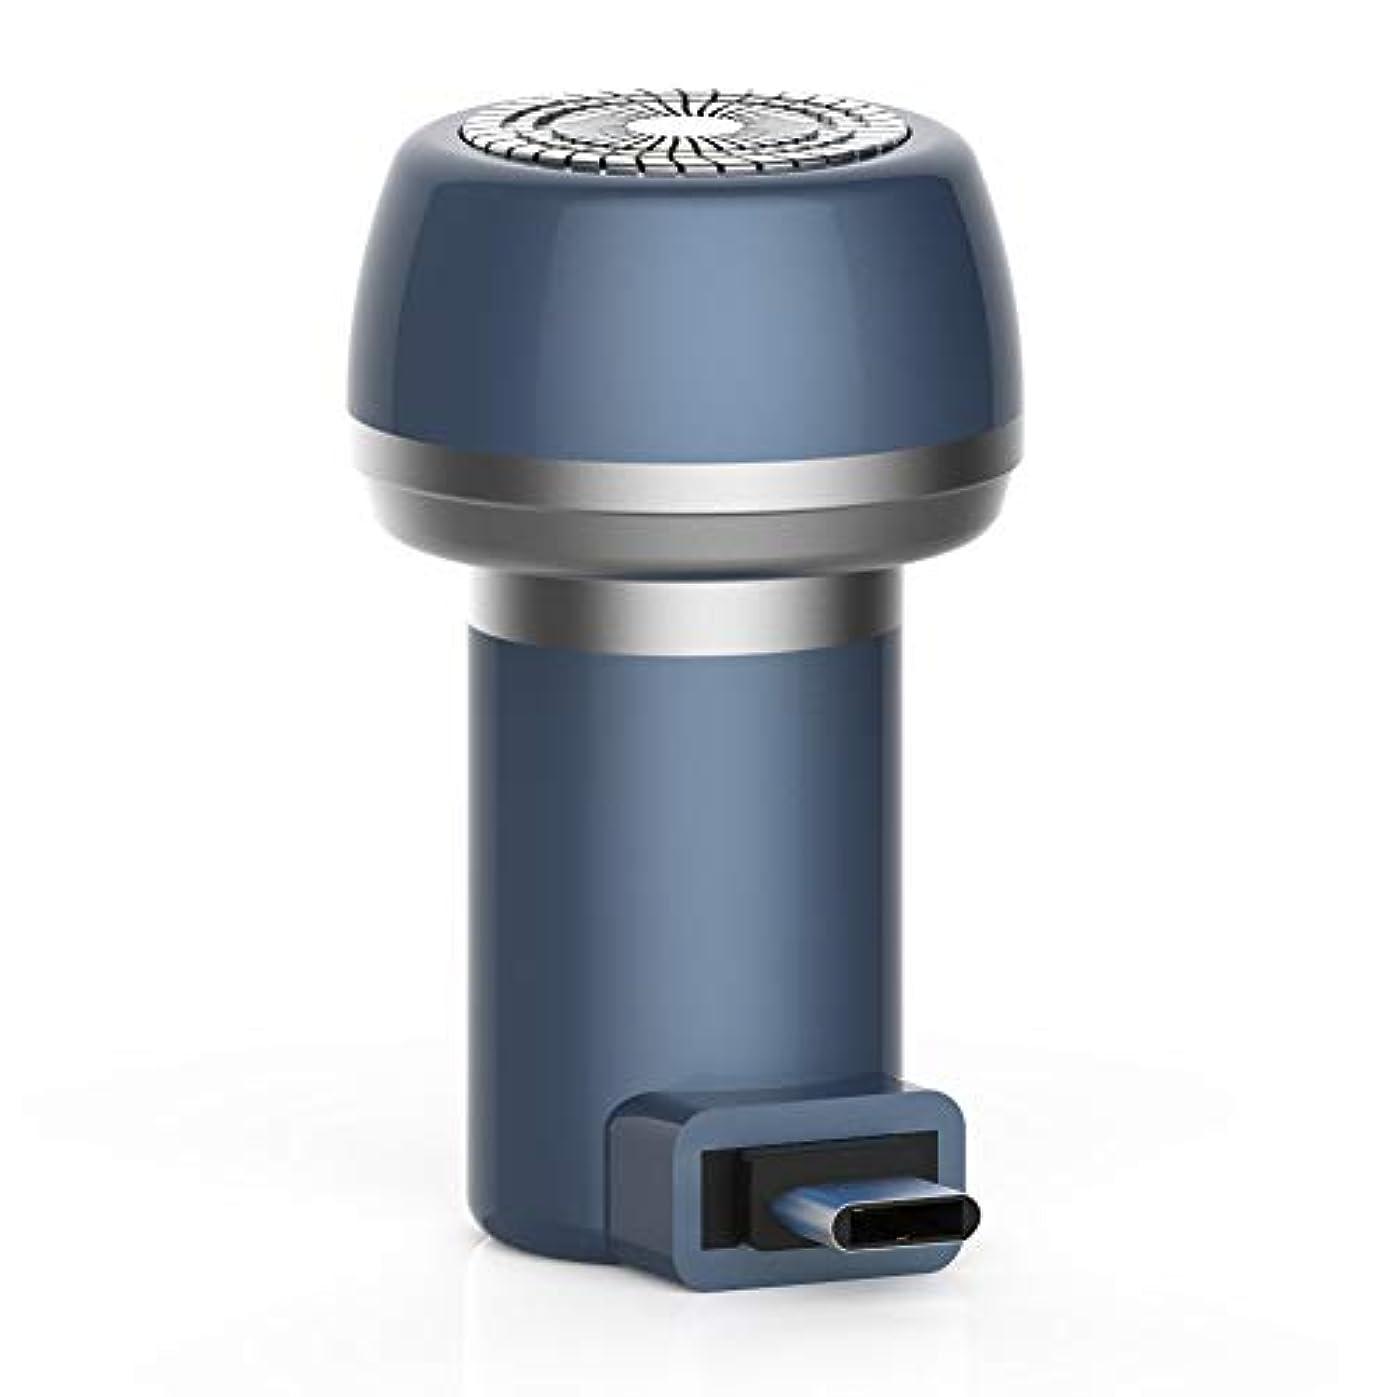 最適出発ベールTenflyer  電気充電式シェーバー、2に付き2磁気電気シェーバーミニポータブルType-C USB防水耐久性剃刀